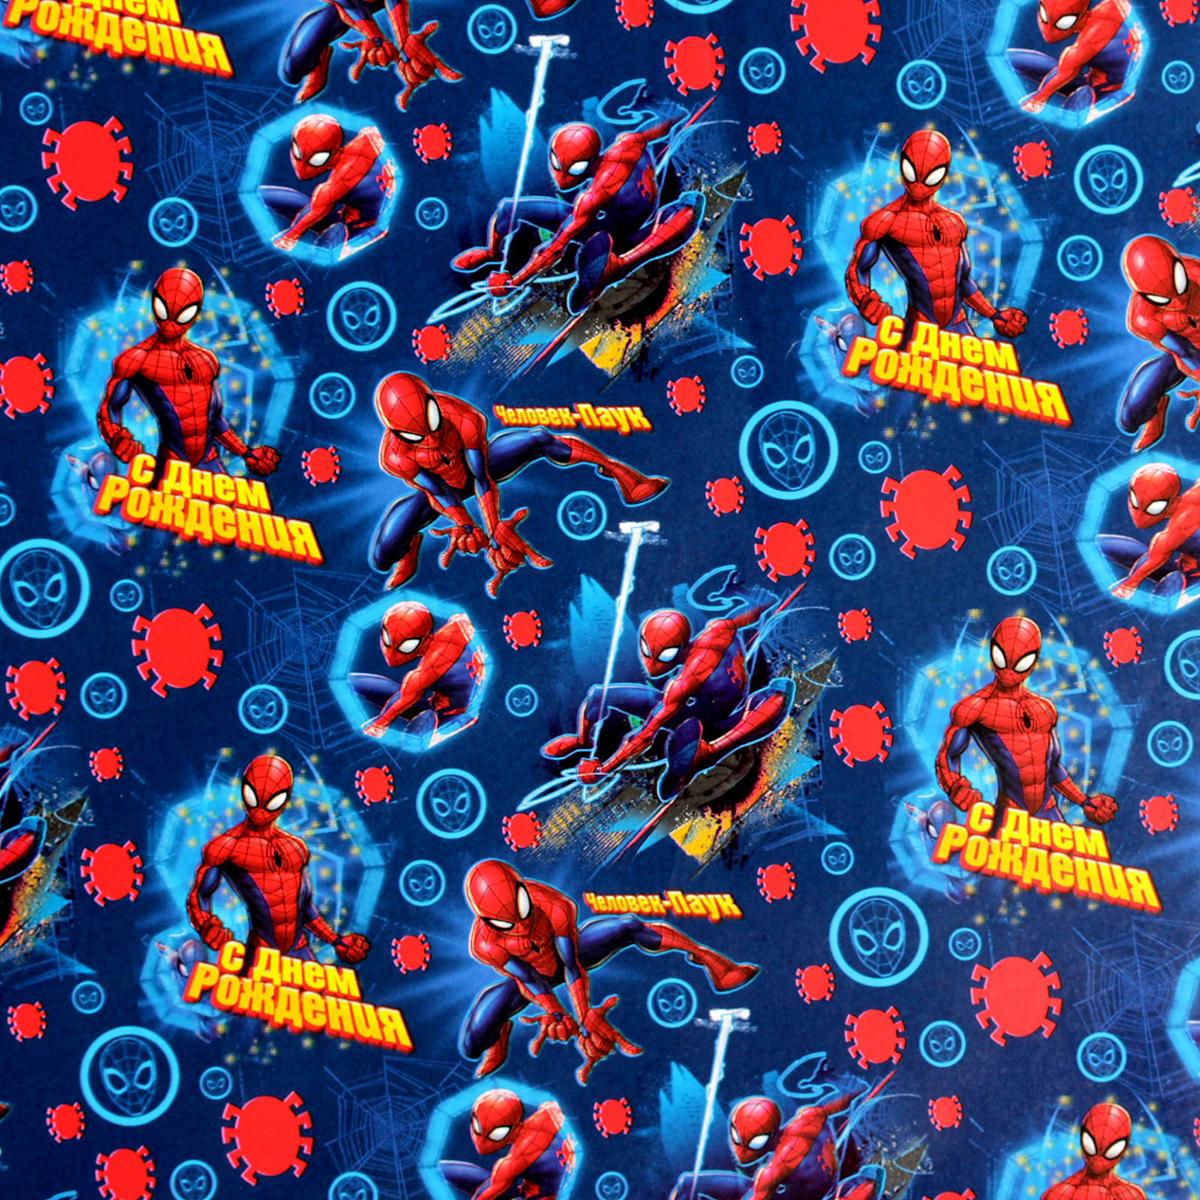 Бумага упаковочная Marvel С Днем Рождения! Человек-паук, глянцевая, 70 х 100 см. 25864632586463Дарите счастье с Marvel! Если вы готовите для малыша подарок, о котором он давно мечтал, позаботьтесь о небольшой,но важной детали - красивой упаковке. Подарочная глянцевая бумага заставит сердце чадабиться чаще в предвкушении. Ребёнок сразу поймёт, что мамочка с папочкой приготовили длянего что-то особенное: ещё пара секунд и произойдёт чудо! Любимые герои сделают праздник веселее! Помните, что улыбка и смех крохи - счастье длякаждого родителя!